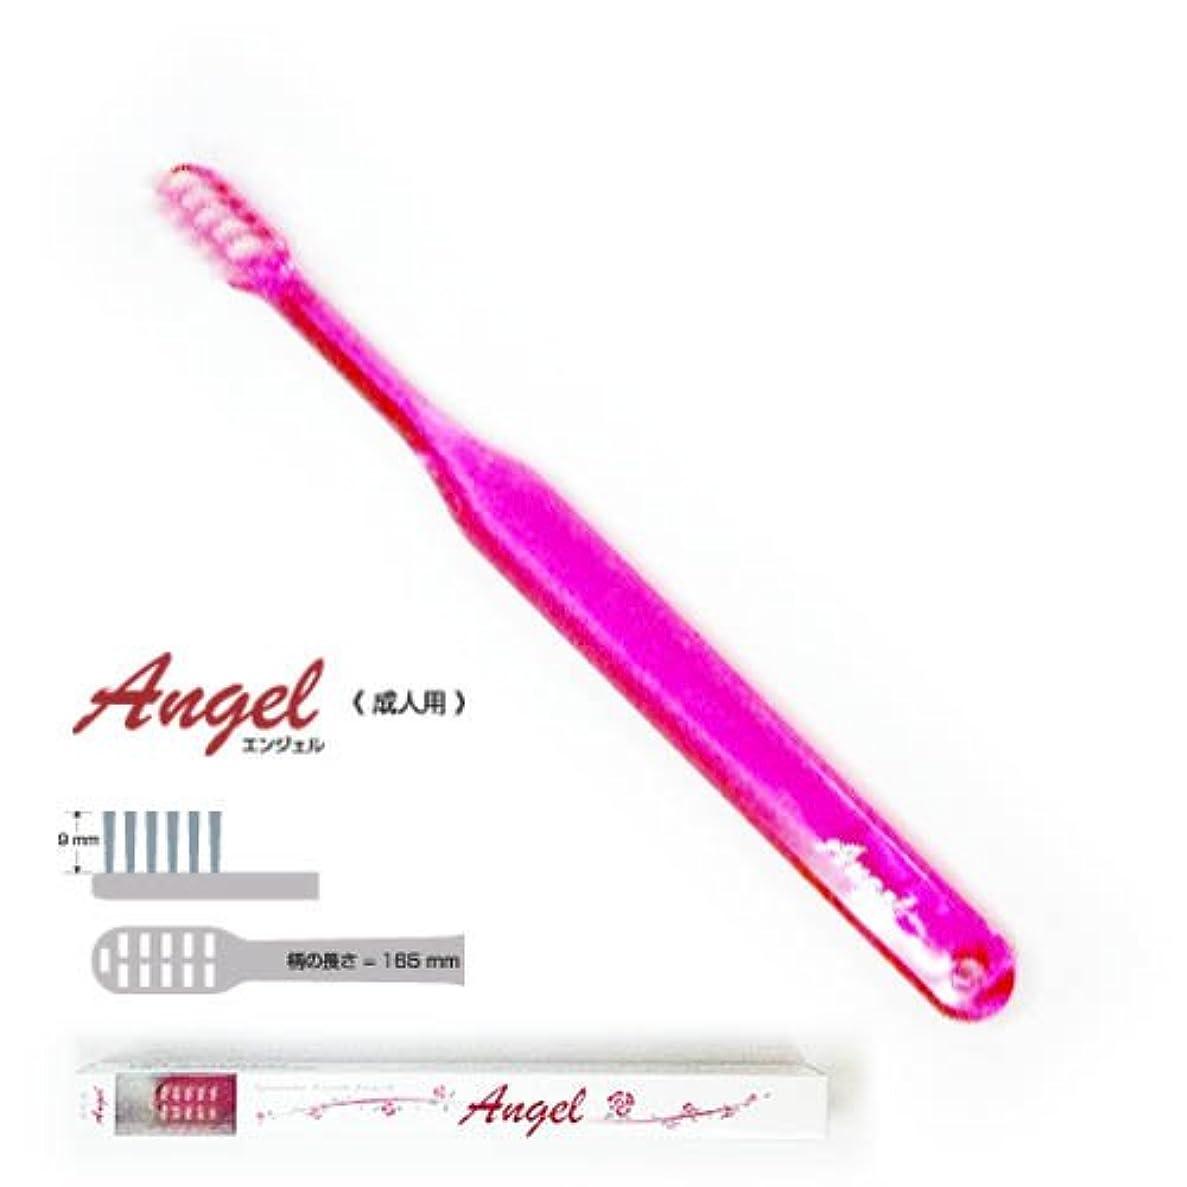 歯科用 平穴植毛歯ブラシ 【エンジェル】 (ピンク)